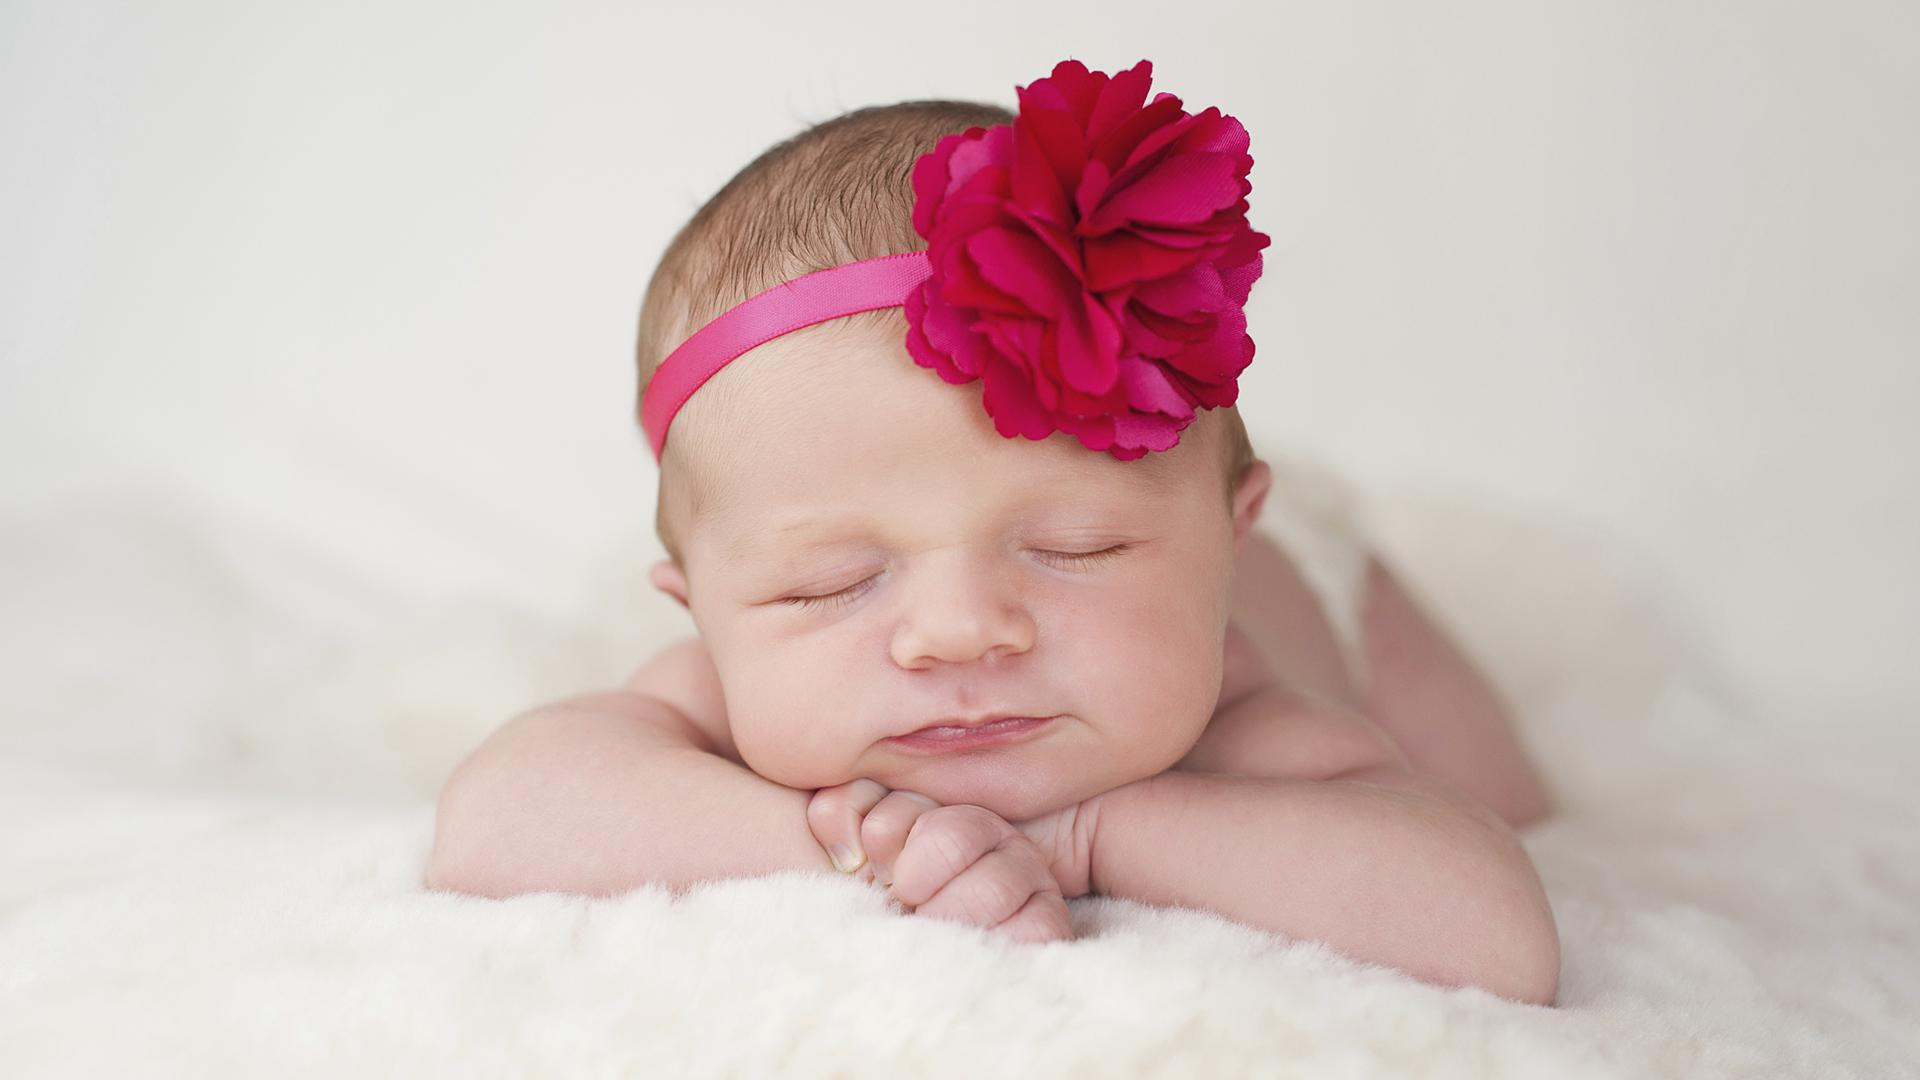 Картинки новорожденная девочка с бантиком, морозы картинки анимации